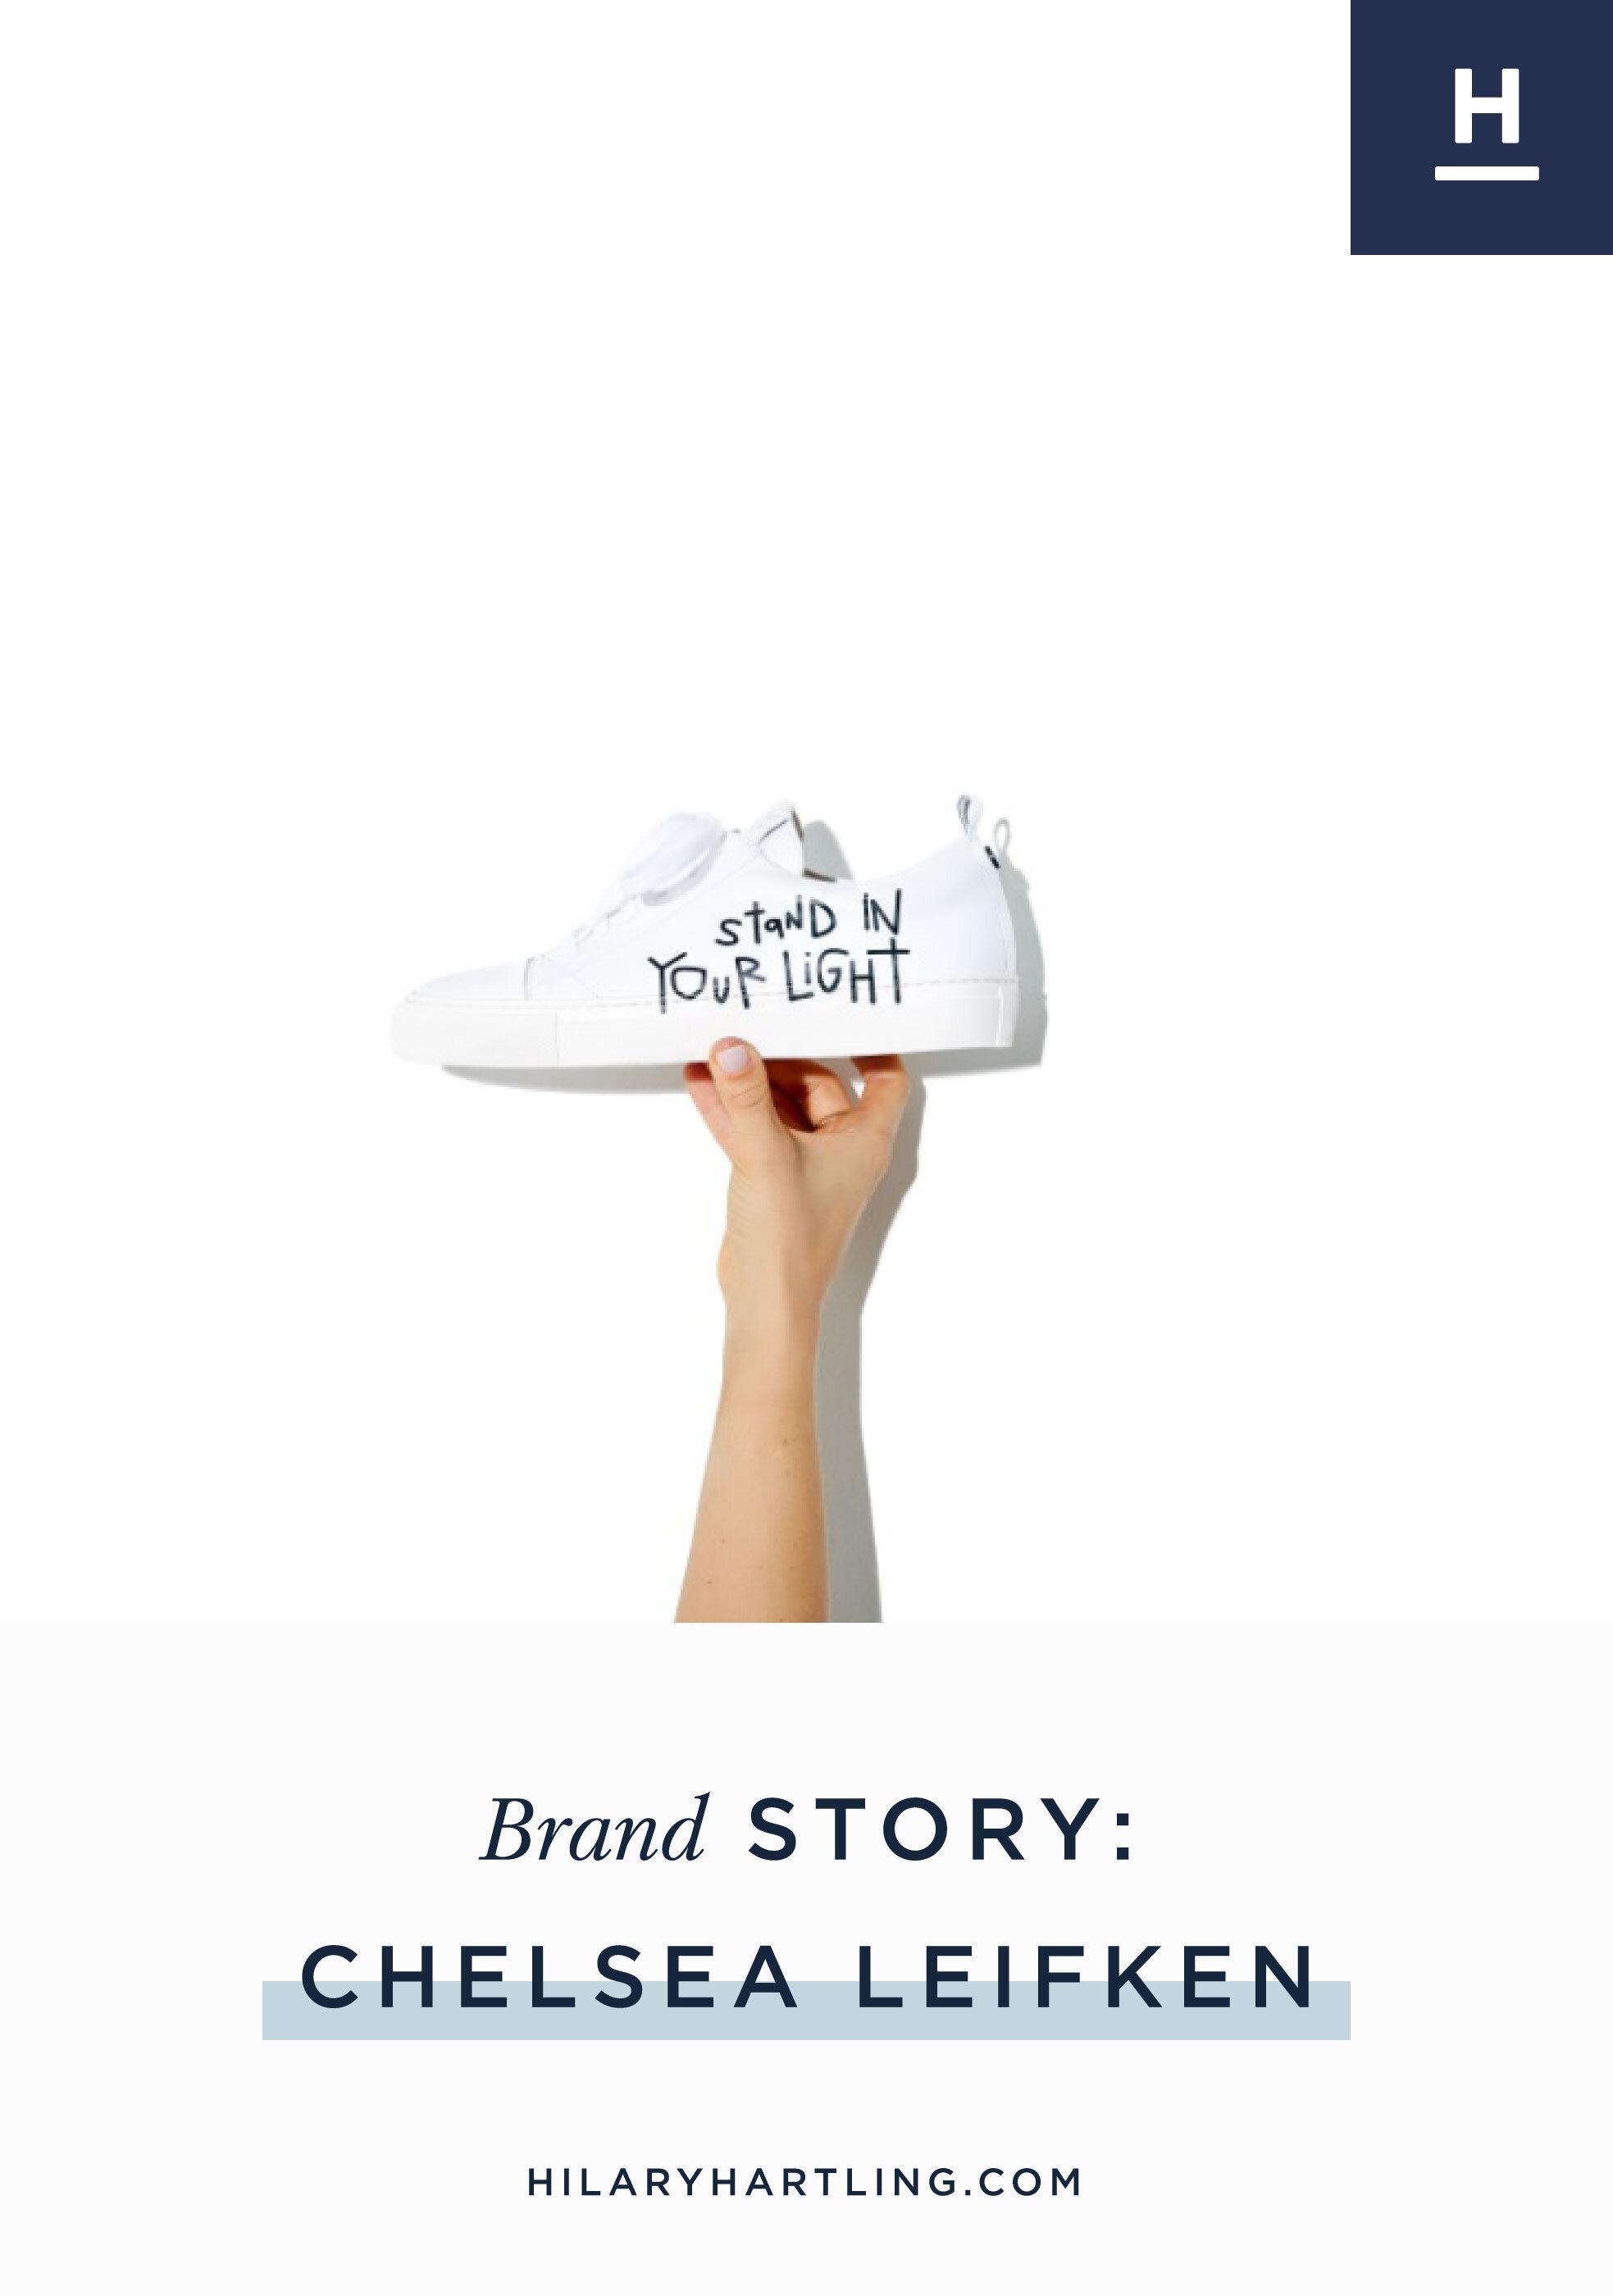 Brand-Story-Chelsea-Leifken.jpg